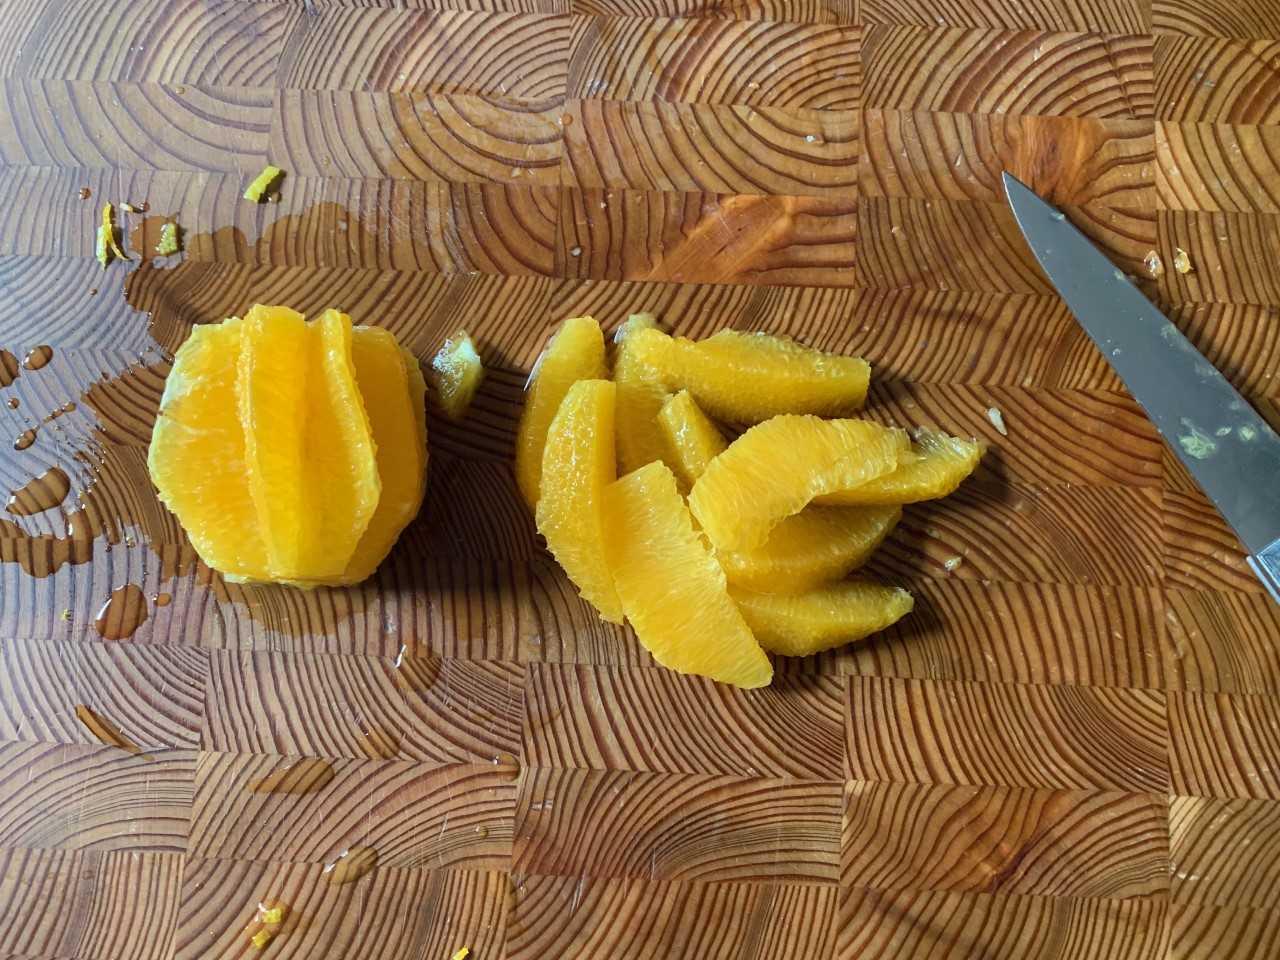 cut-orange-peeled-slices